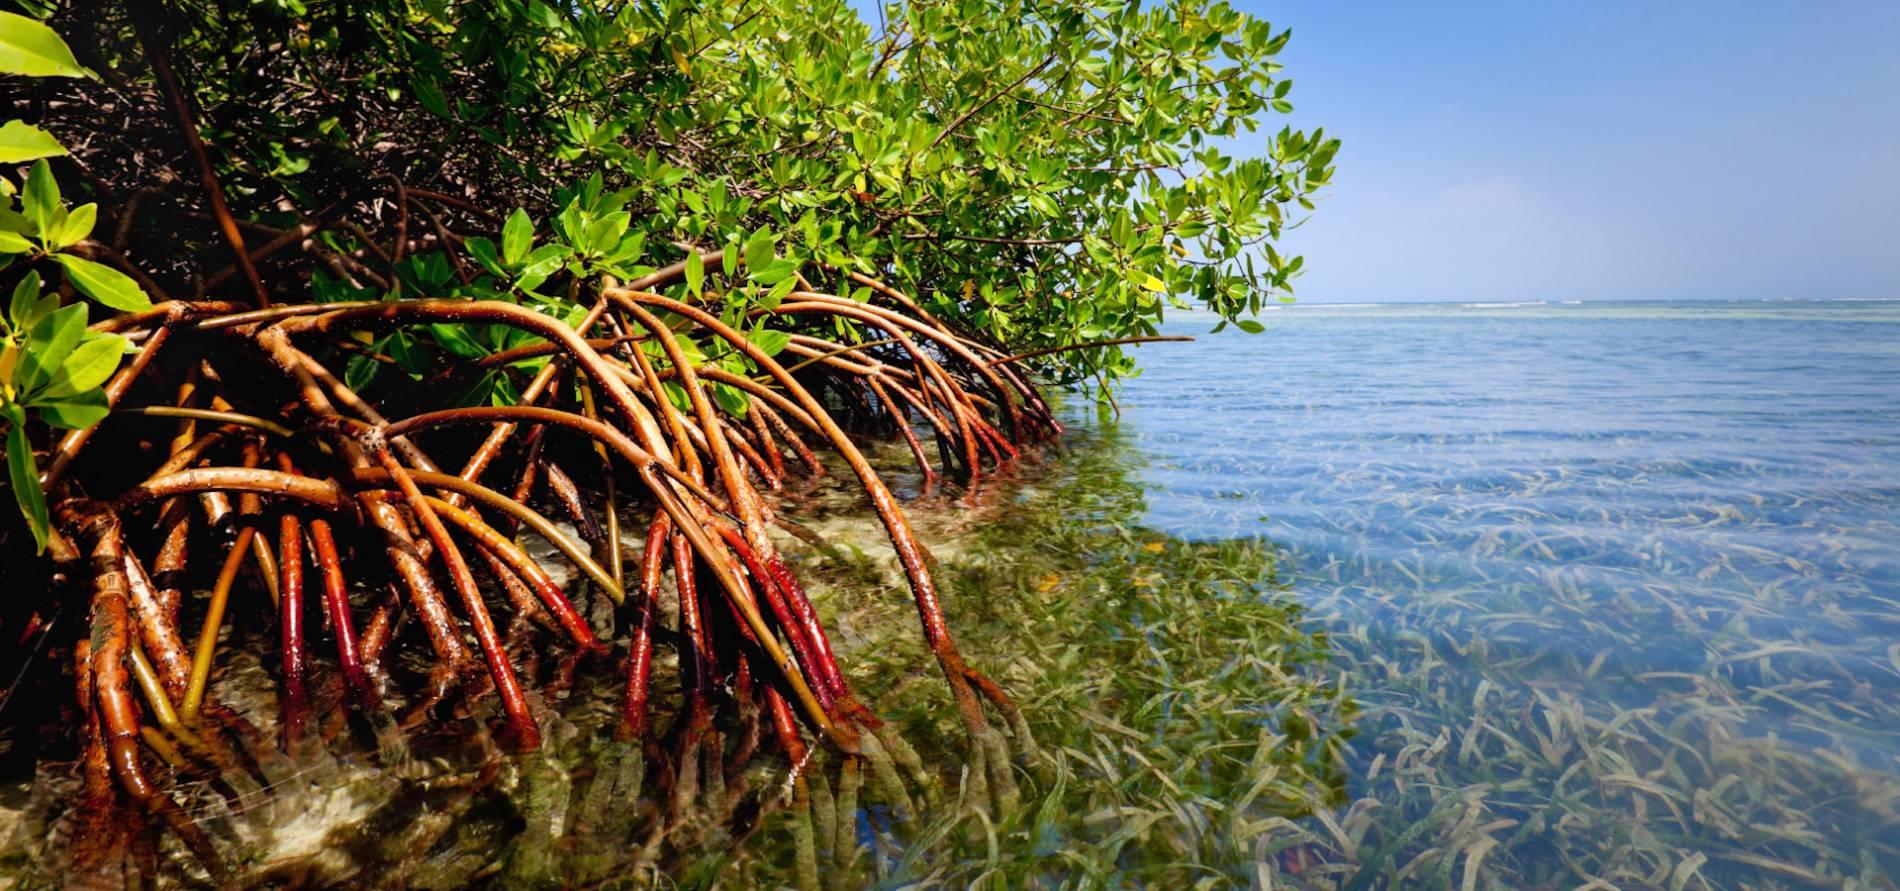 коряги мангрового дерева